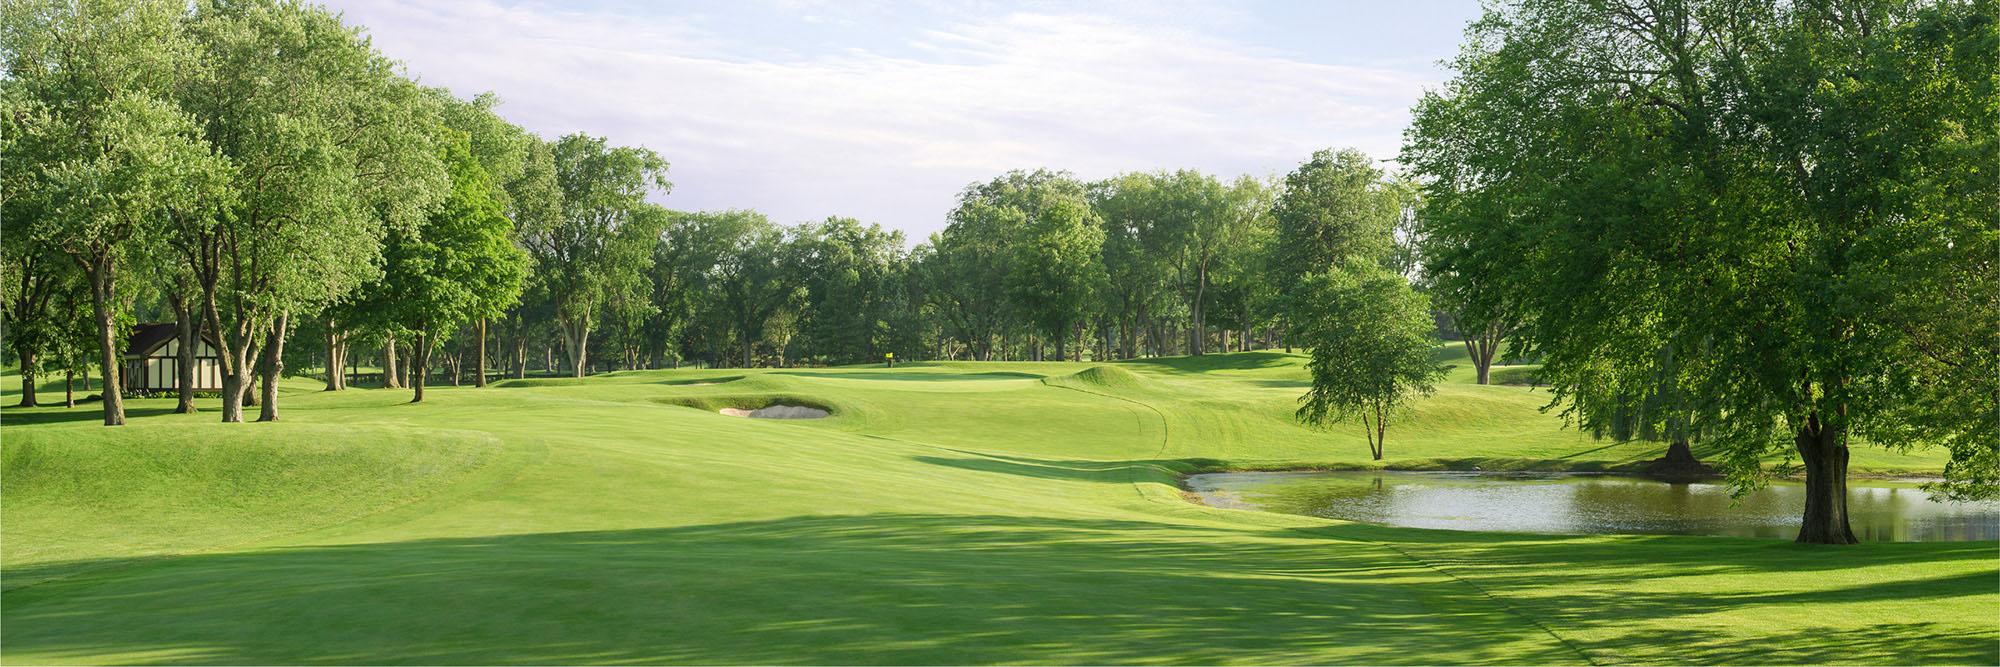 Golf Course Image - Interlachen No. 4